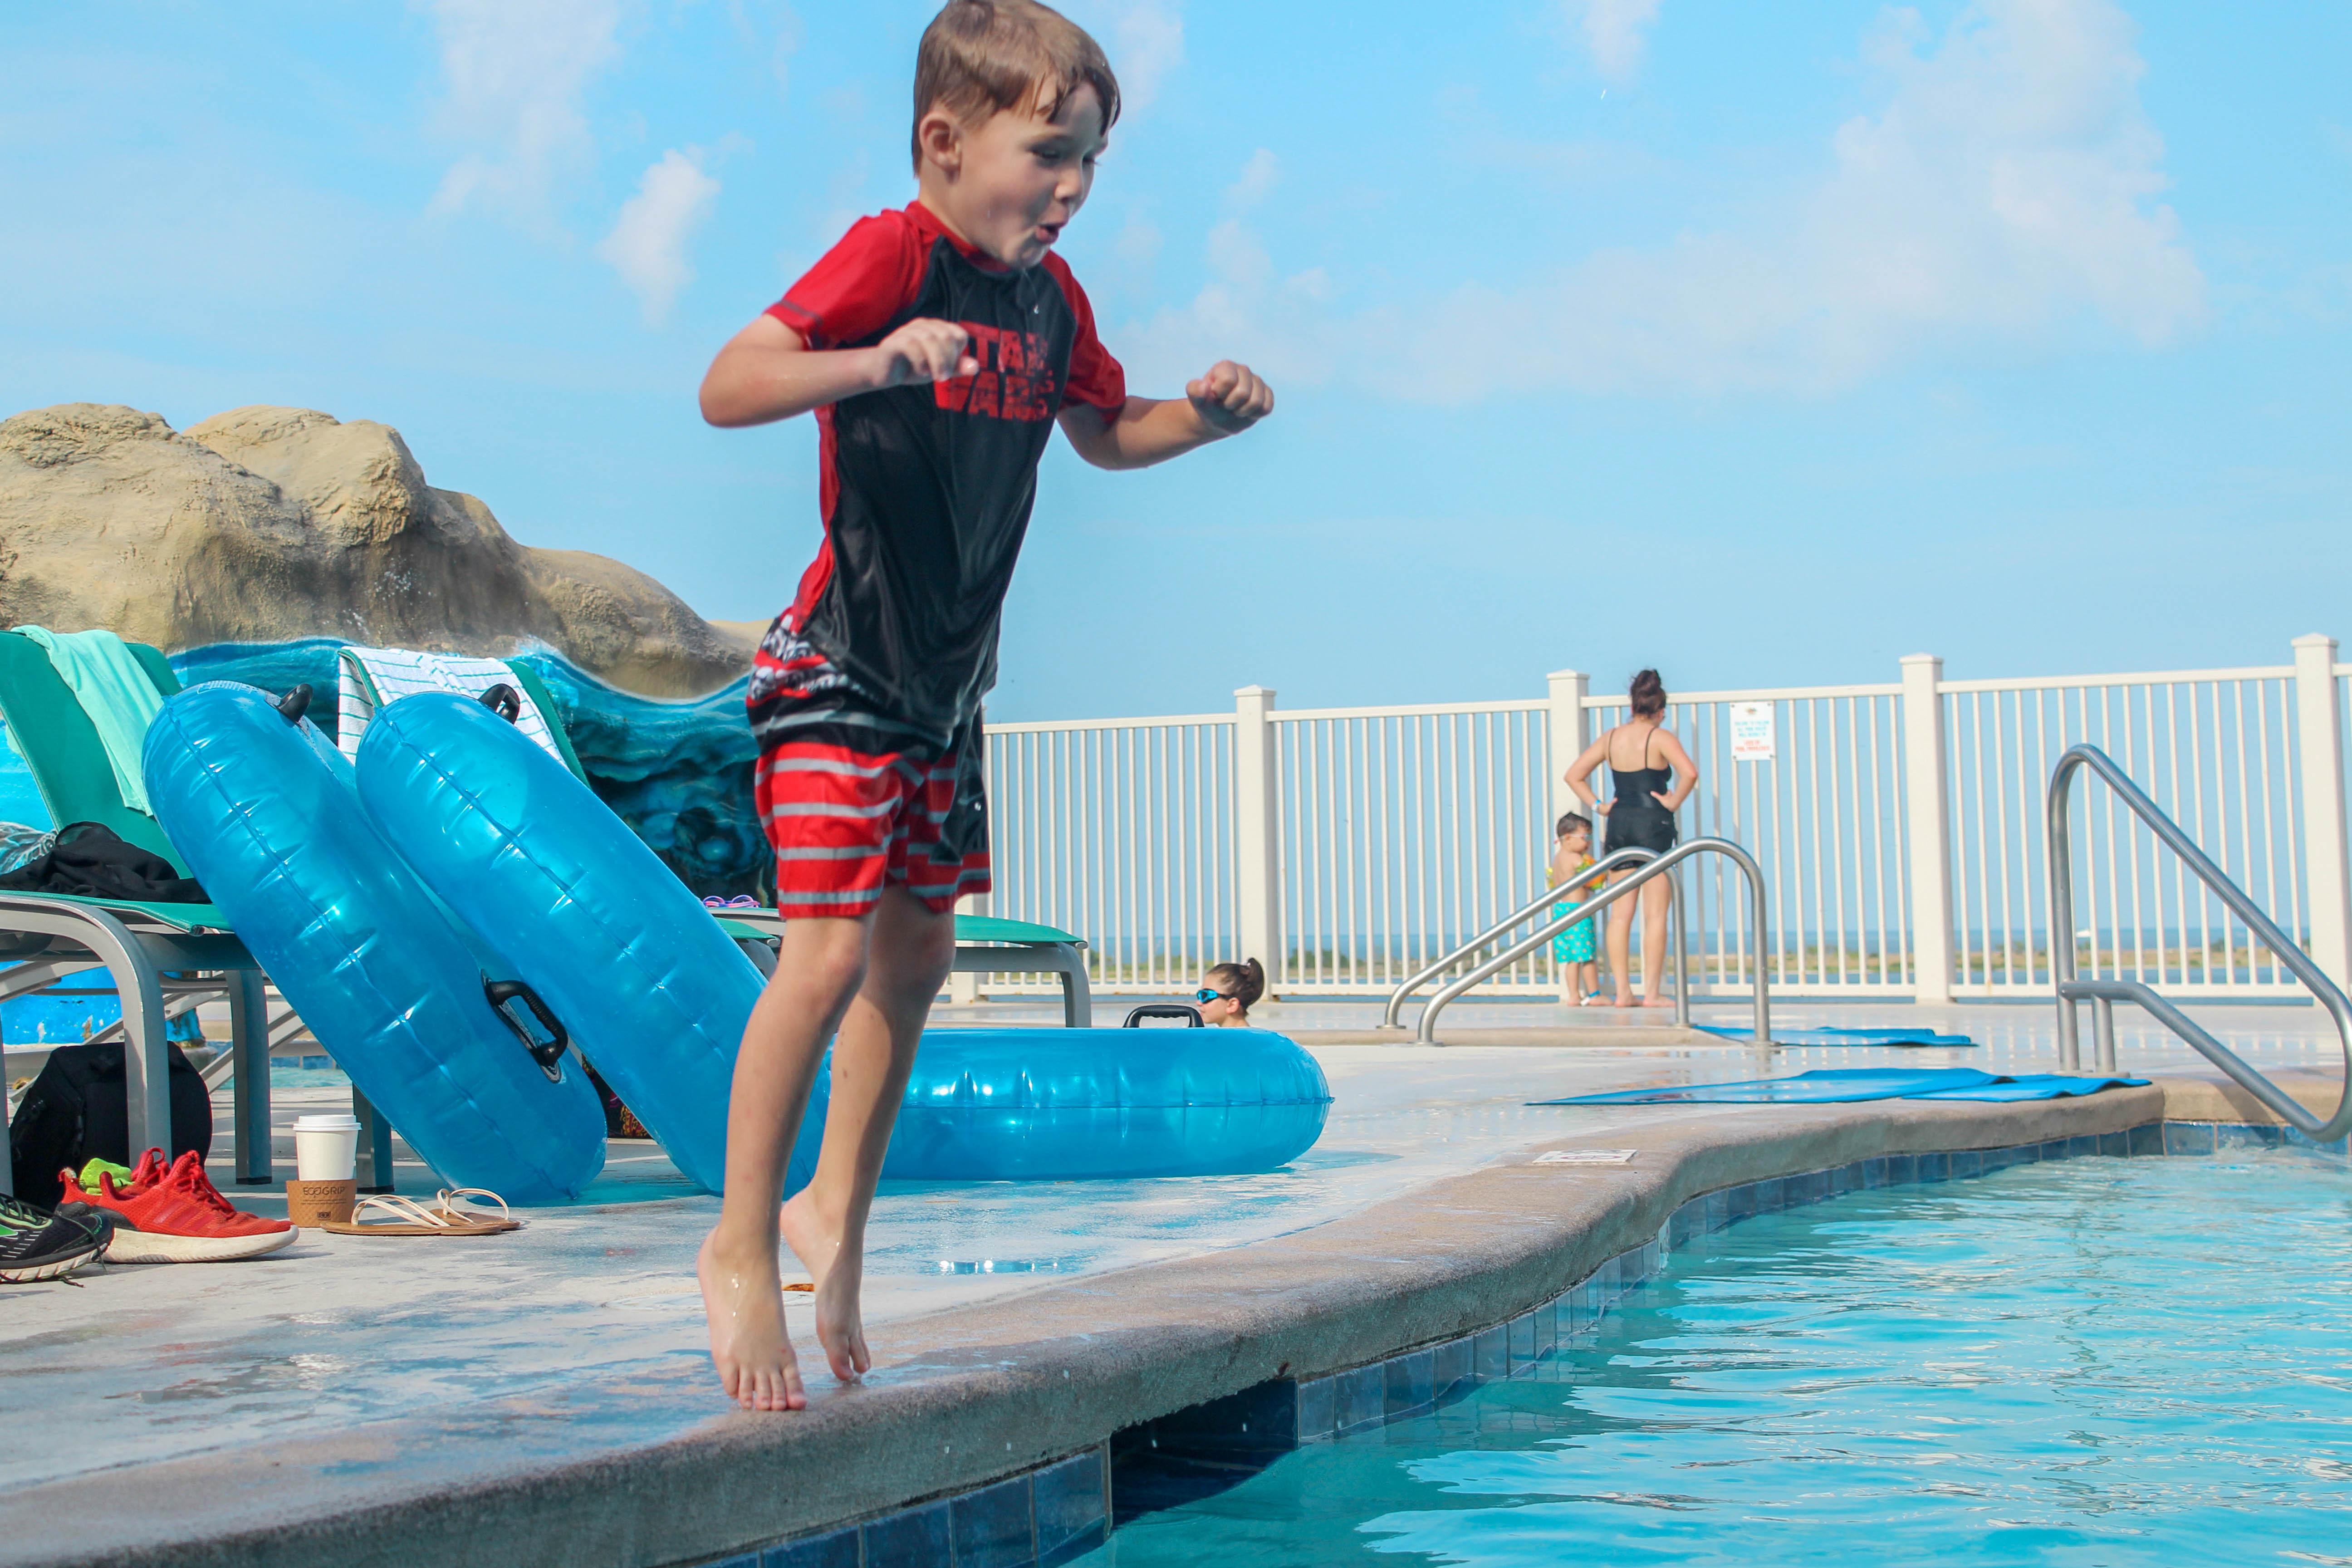 Margaritaville tatil beldesinde suda atlama çocuk